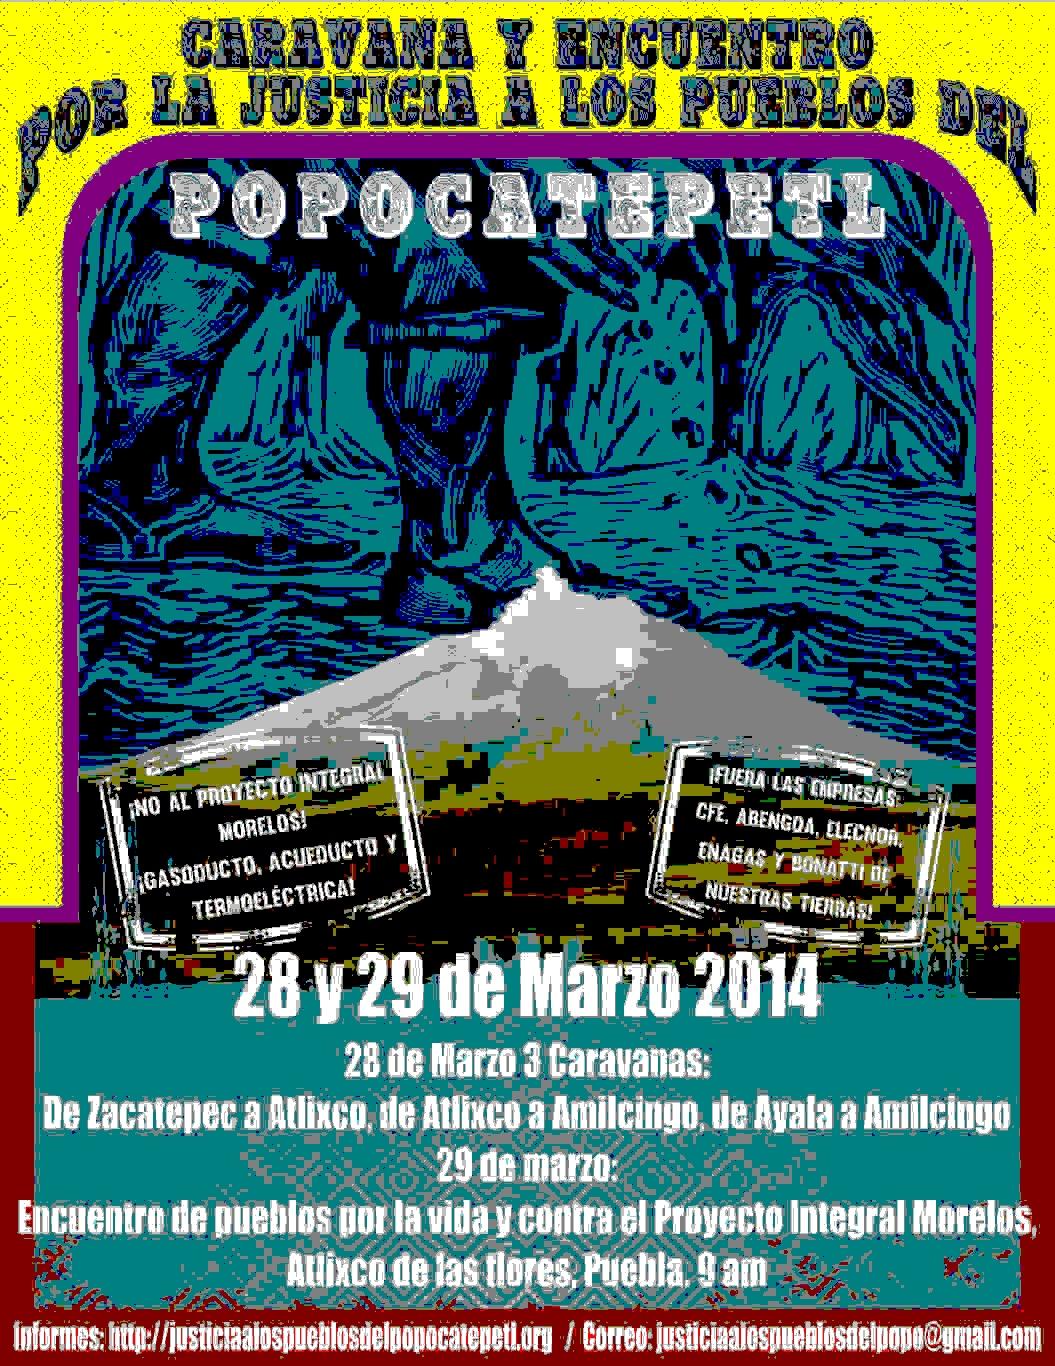 Caravana y Encuentro por la Justicia a los Pueblos del Popocatépetl